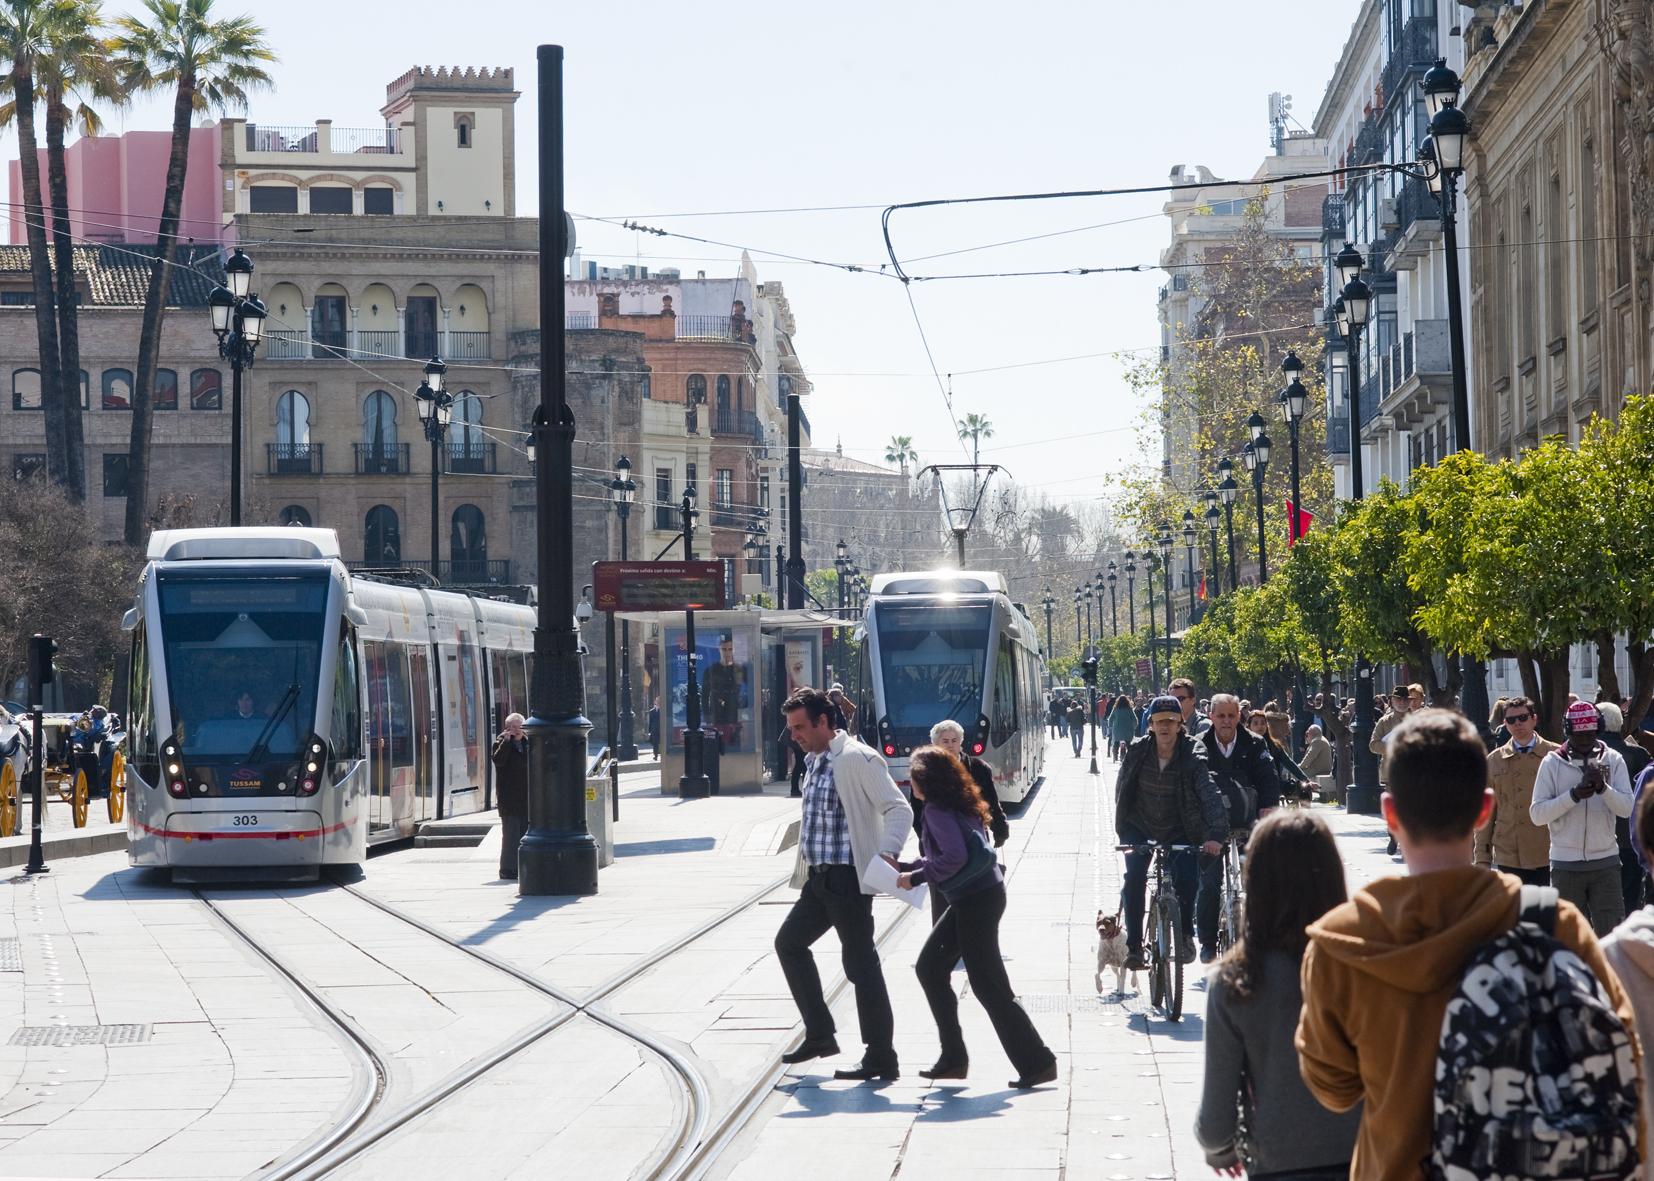 las soluciones de movilidad deben buscar un entorno más humano (Metrocentro en Avda. Constitución, Sevilla)